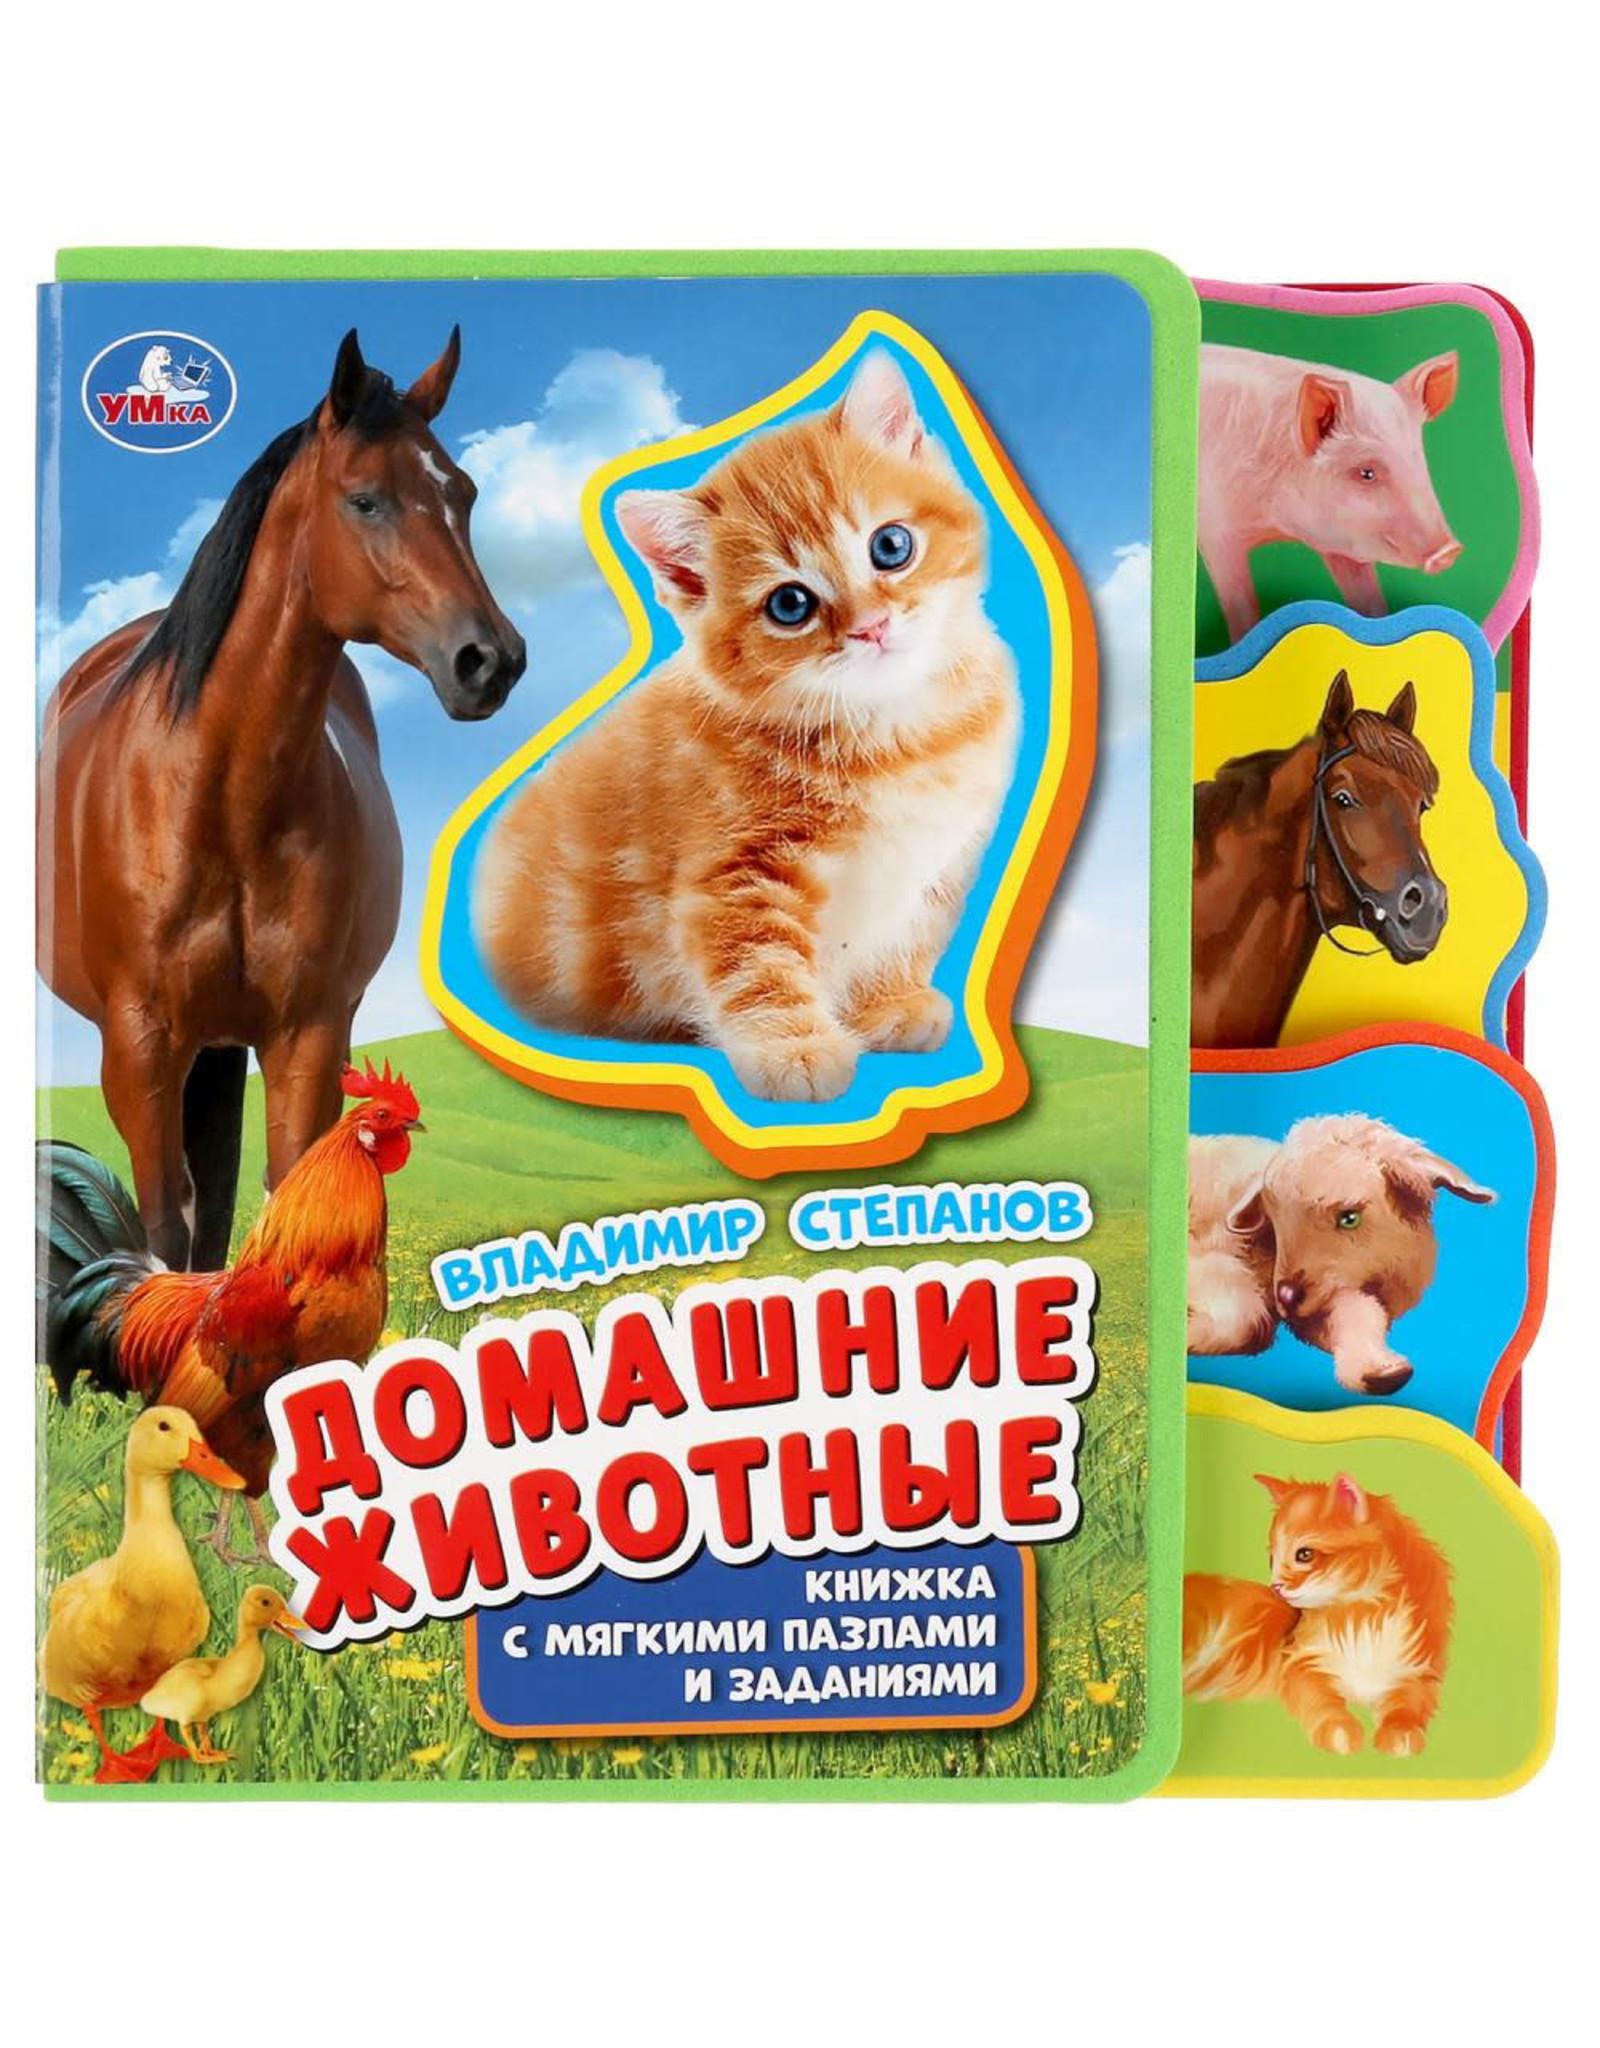 Домашние животные. Книжка с вырубкой, закладками и пазлами